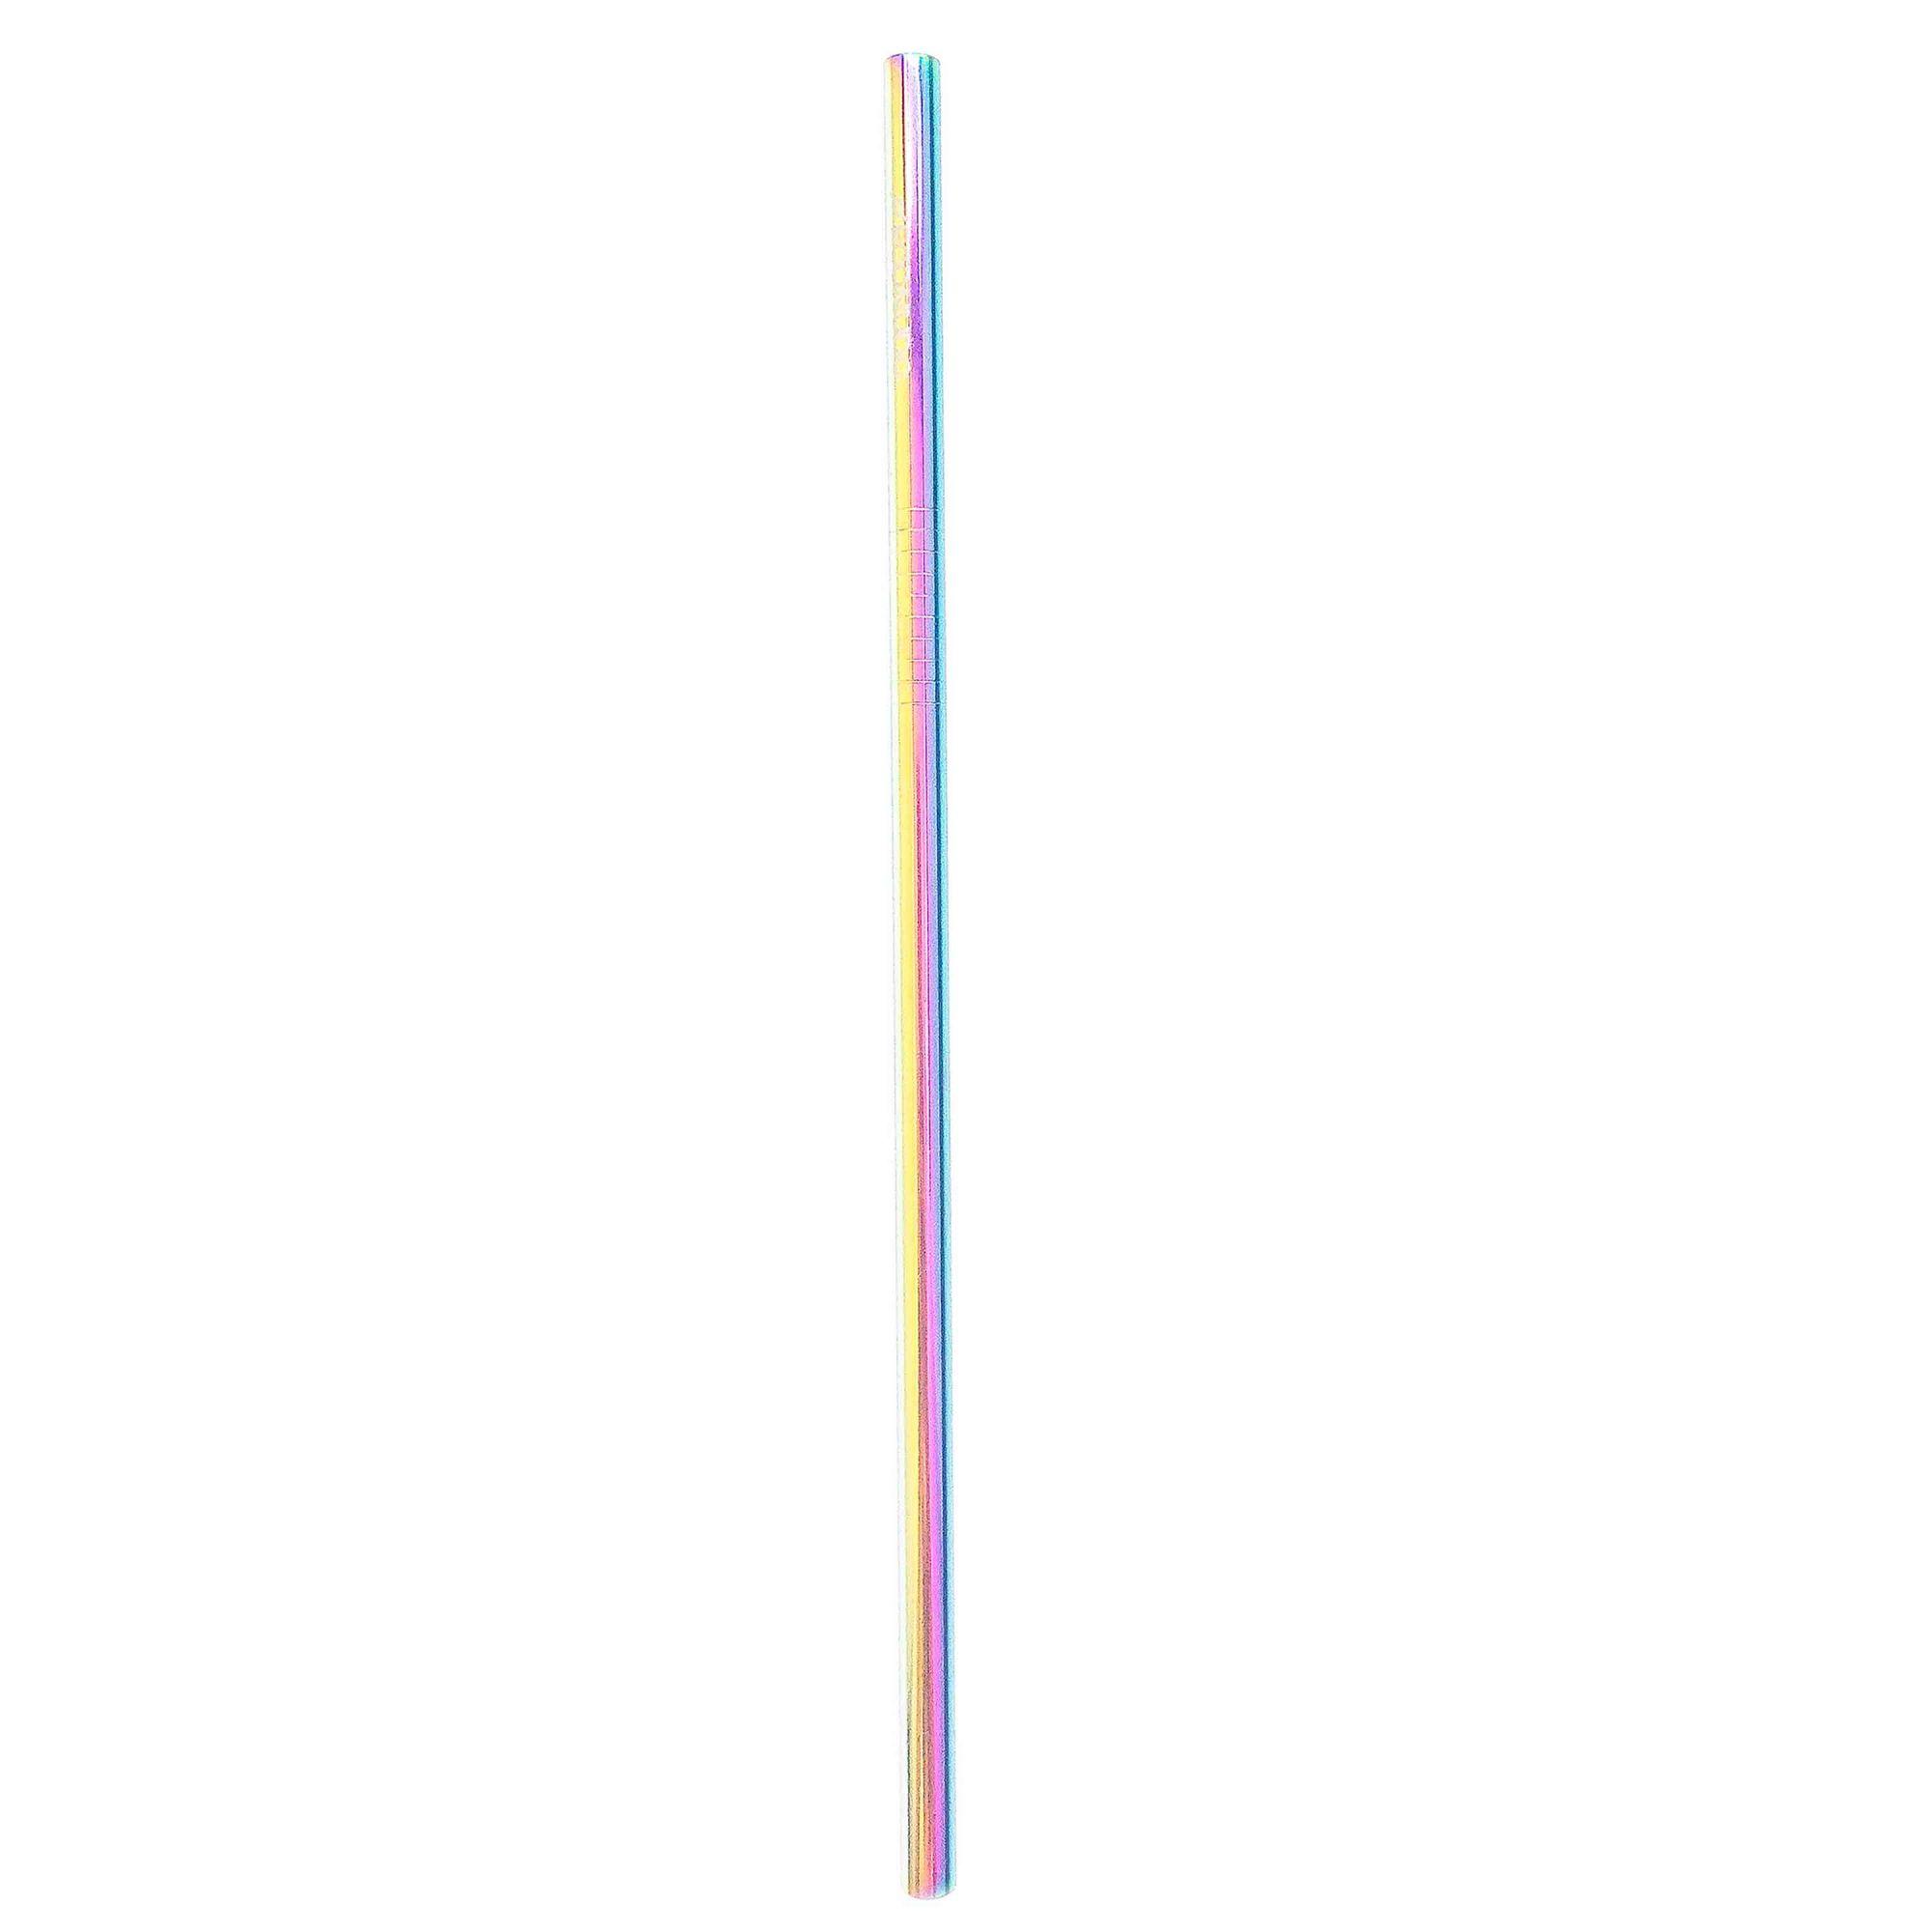 Econudo Reto | 8mm